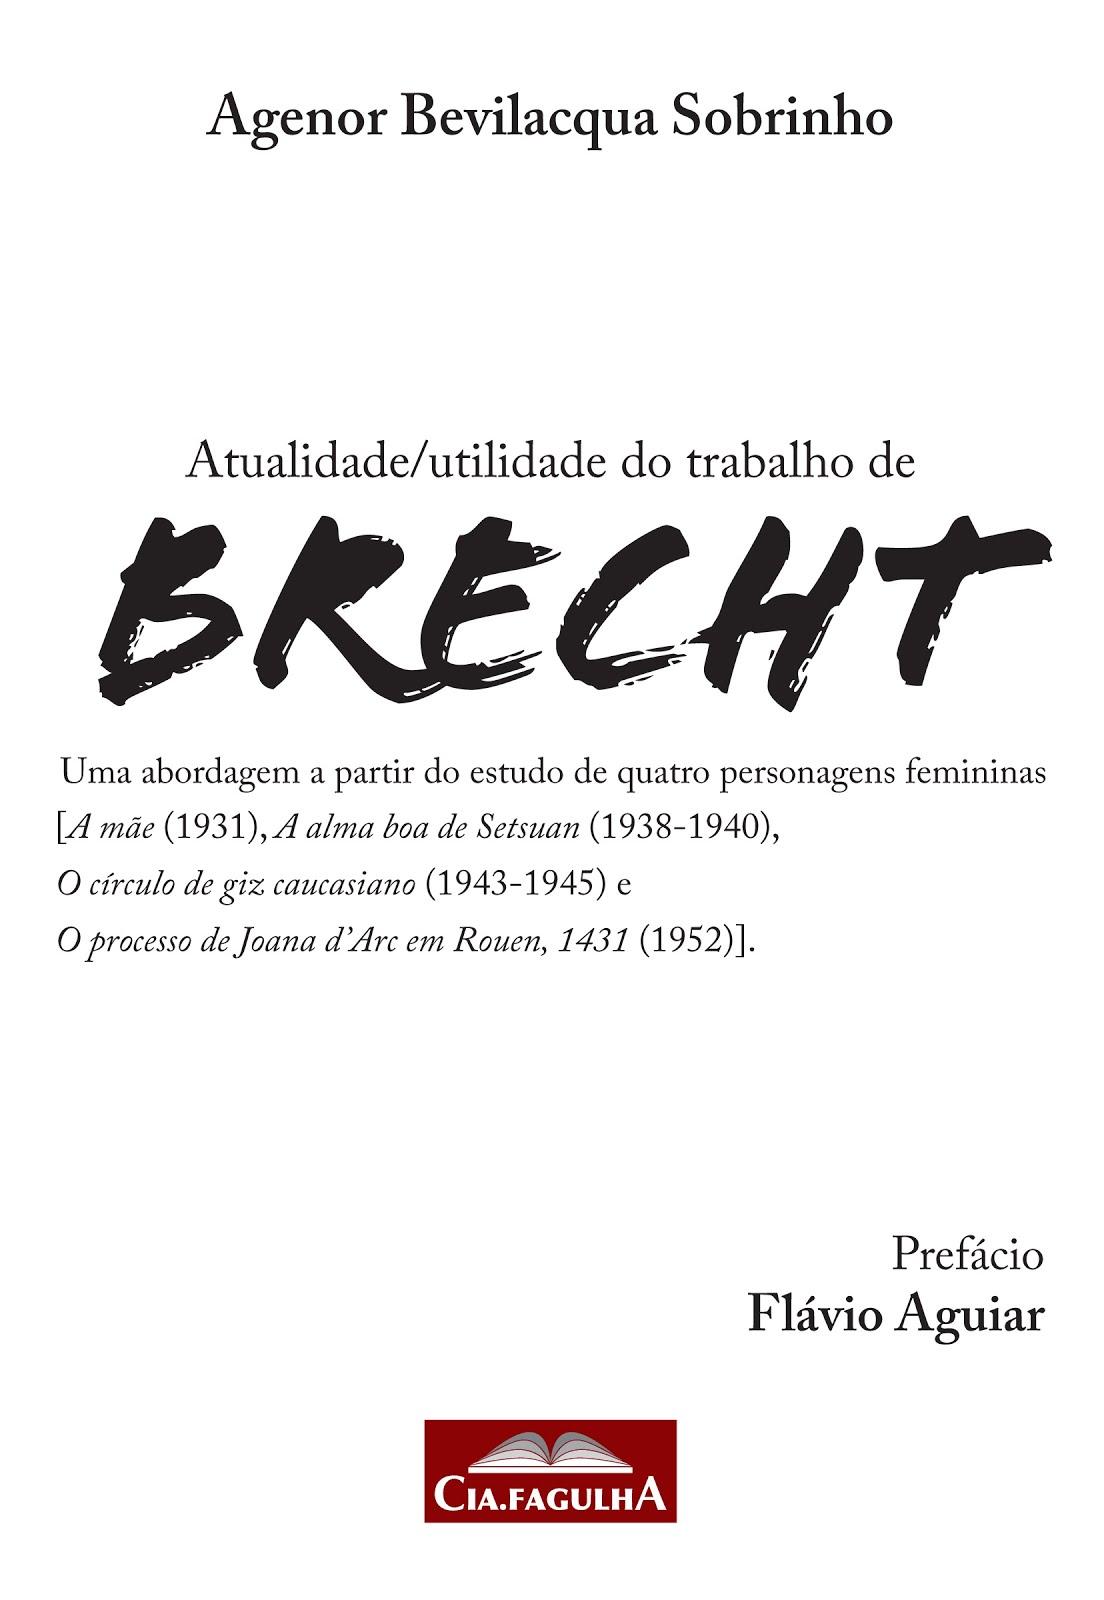 Atualidade/utilidade do trabalho de Brecht